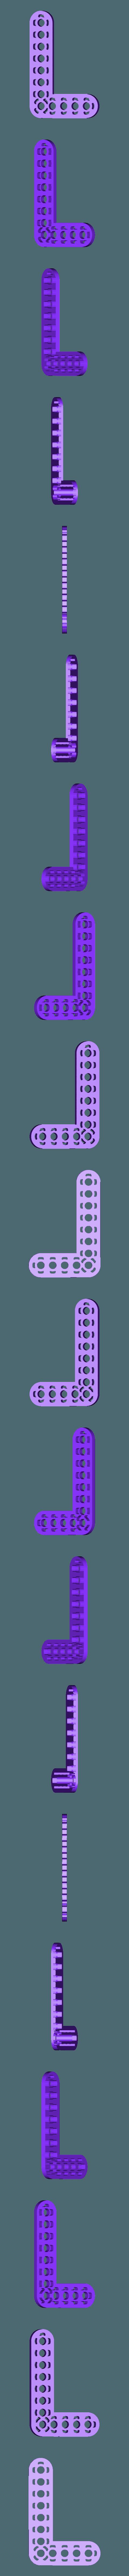 L_5_8.STL Télécharger fichier STL gratuit MEGA Expansion 200+ Pièces • Plan à imprimer en 3D, Pwentey